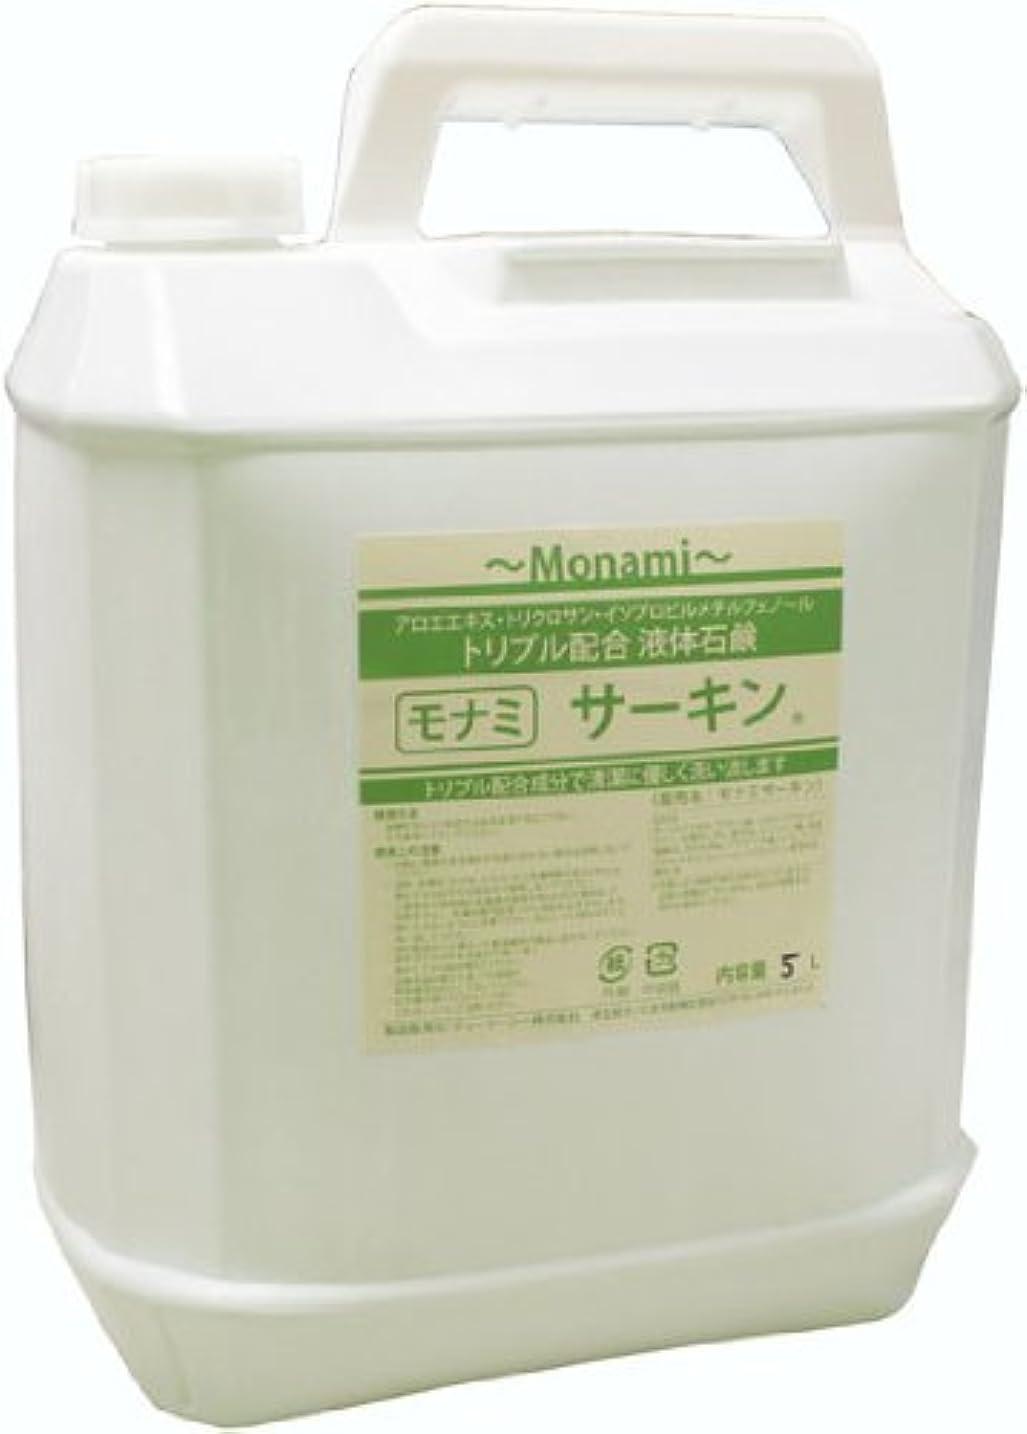 割れ目パートナー昆虫を見る保湿剤配合業務用液体ソープ「モナミ サーキン5L」アロエエキス、トリクロサン、イソプロピルメチルフェノール配合